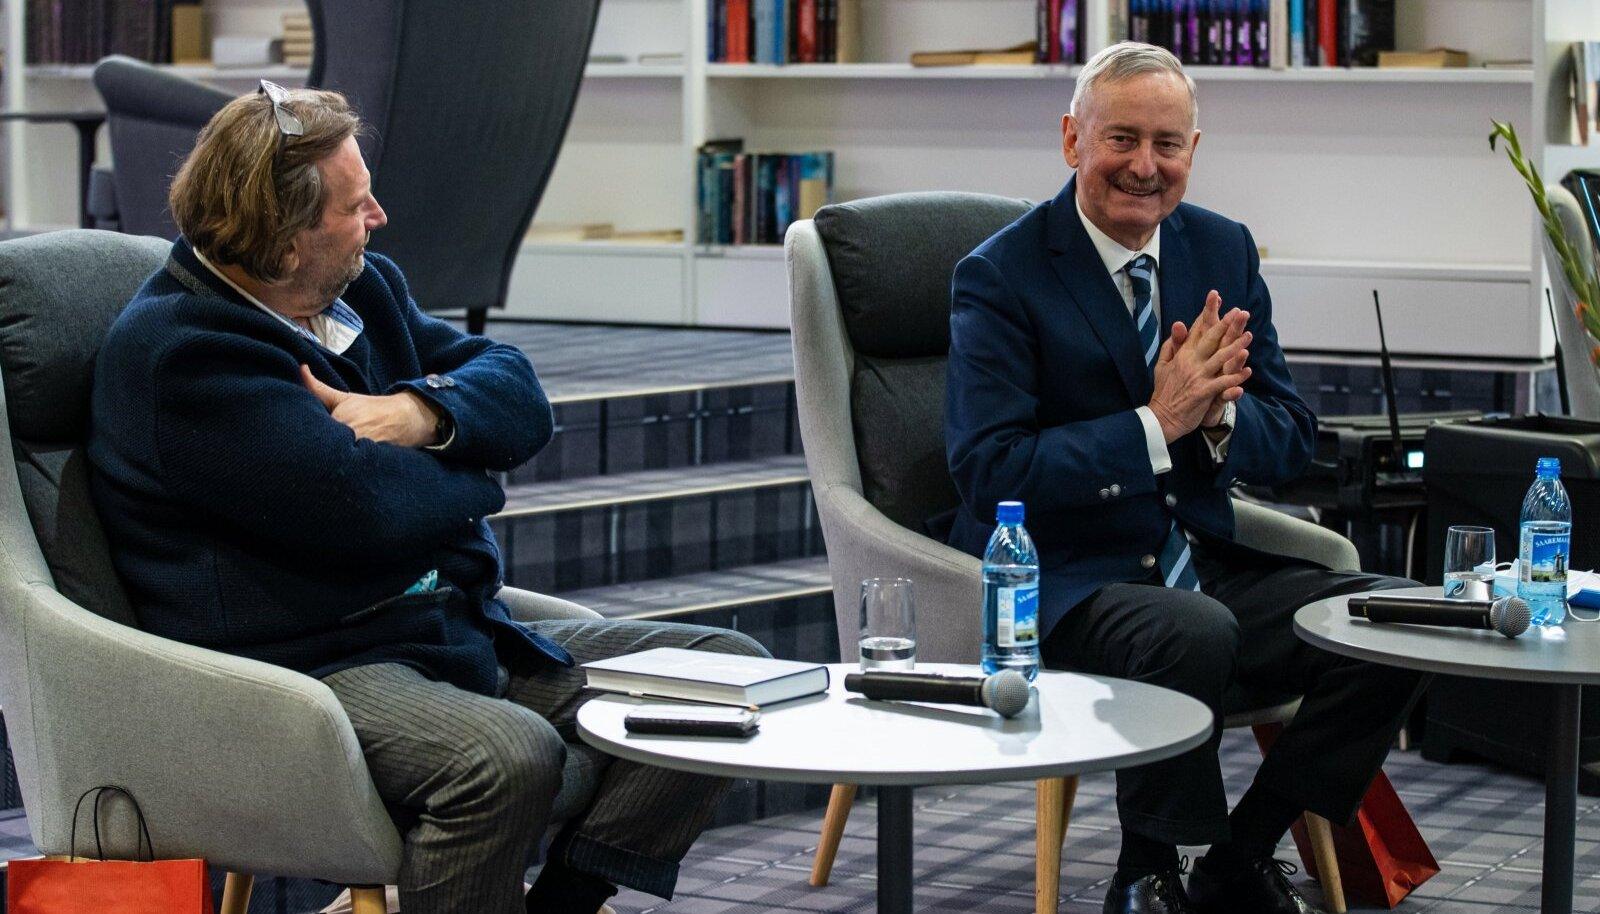 """Viimsi, 14.10.2021. Siim Kallas esitles Viimsi raamatukogus oma uut raamatut """"Eduard Alver. Tema aeg ja inimesed""""."""